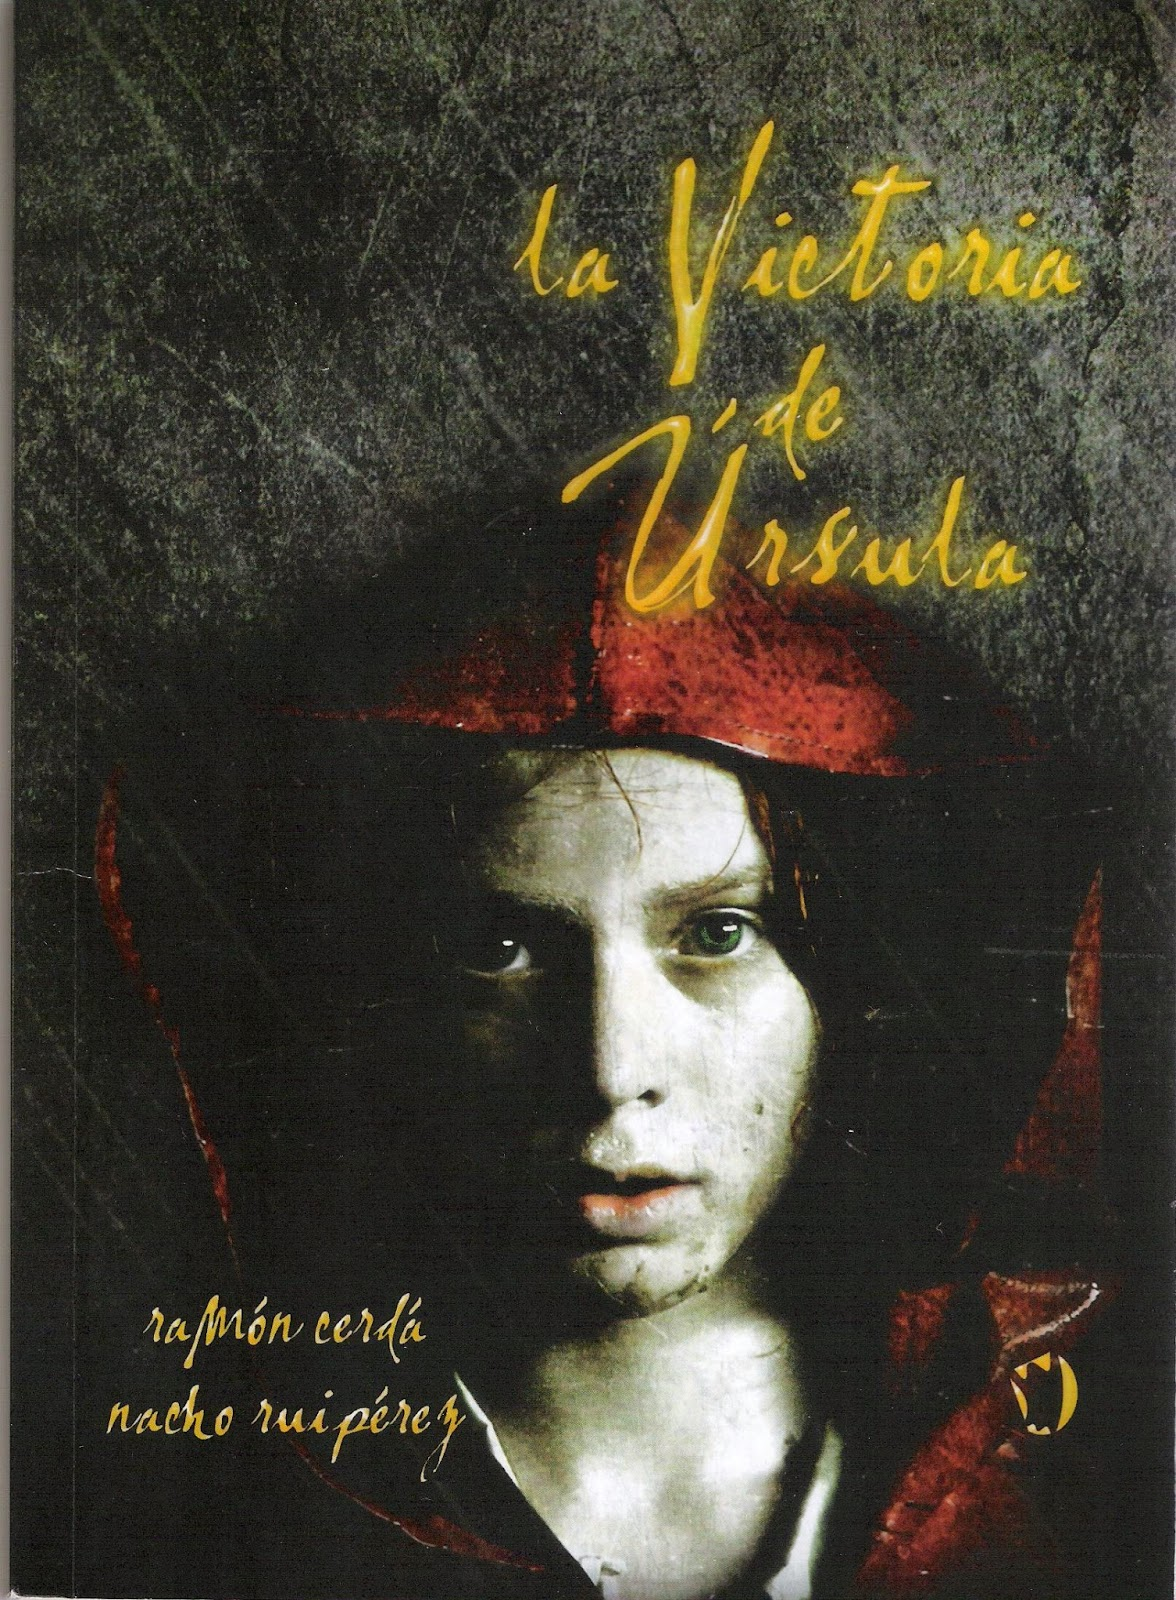 Úrsula y su Victoria, una historia tierna a pesar de lo que parece.